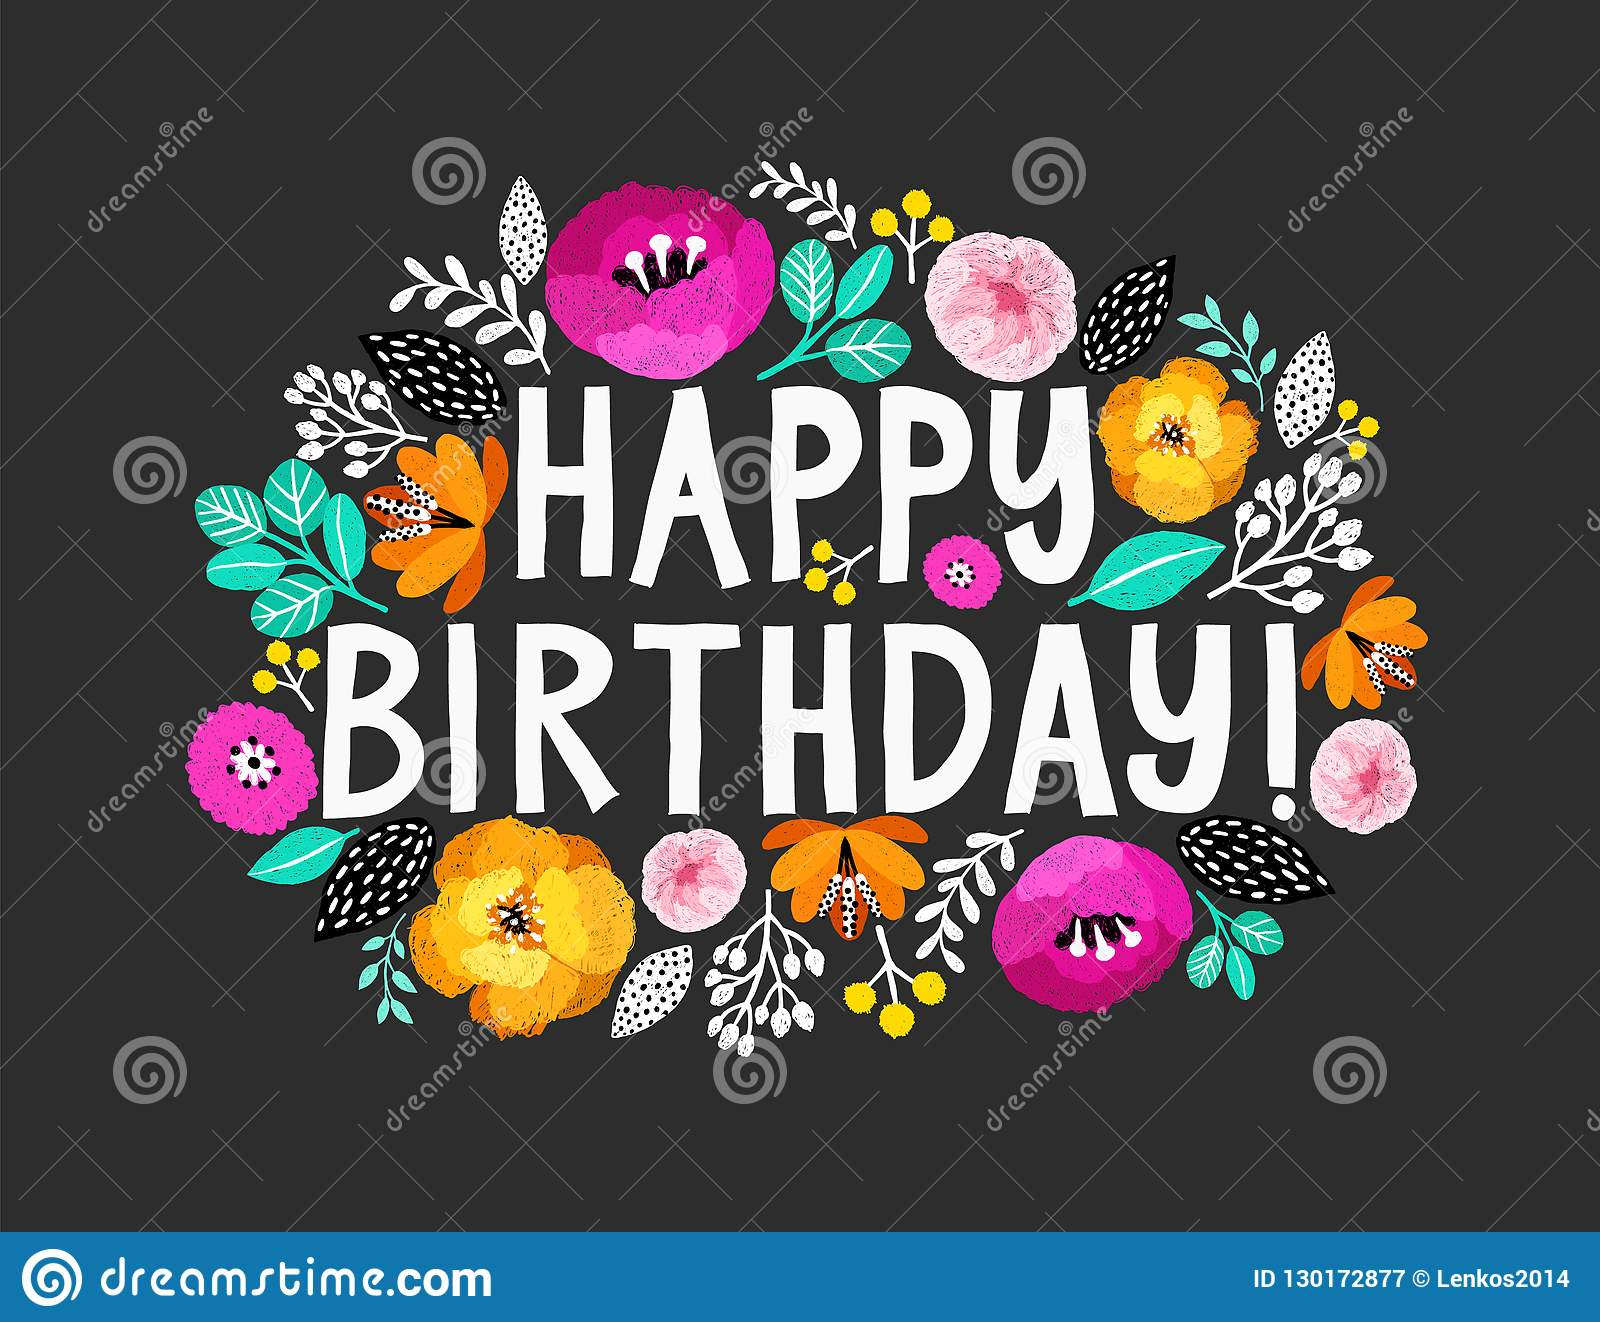 Alles Gute Zum Geburtstag Schöne Grußkarte Mit Hand mit Schöne Bilder Zum Geburtstag